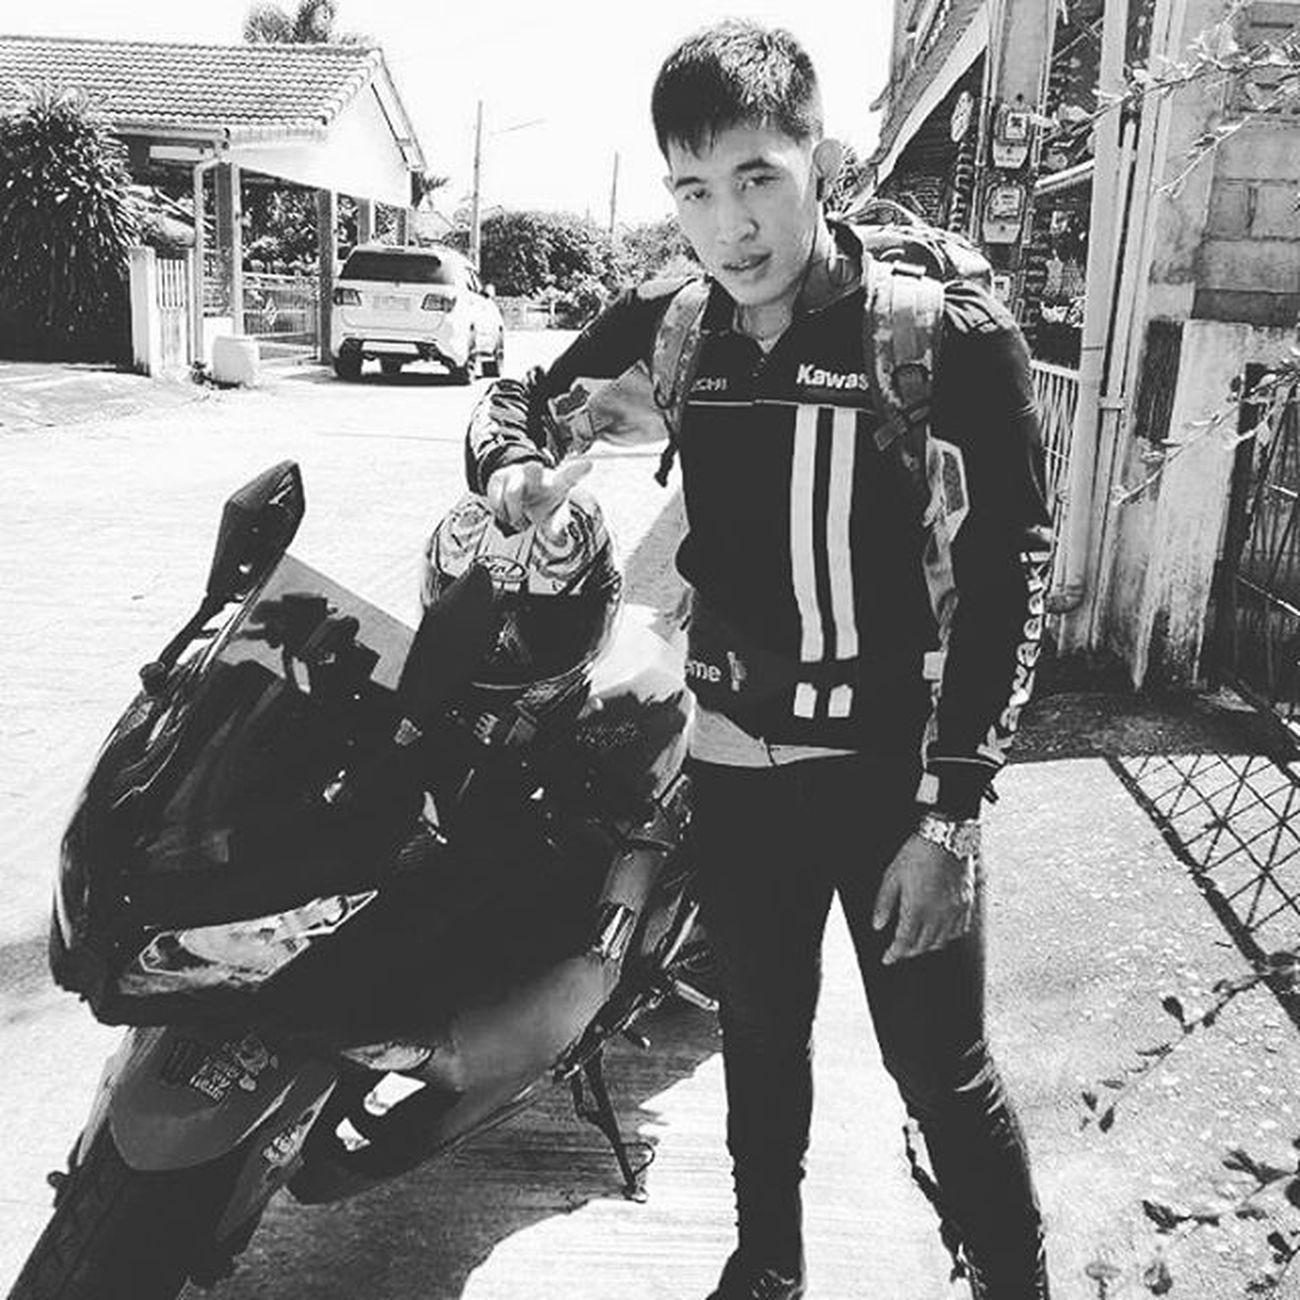 ผ่านมาแค่ให้รุจักกัญ ขอบคุนน่ ที่พาซิ่ง พาแว้น Kawasaki Ninja250  Bigbike คำพุดที่ยังก้องอยู่ ปลาเก๋า ไอ้โรคจิต กระเหี้ยนกระหือรือ อีนิว อีแรด อีดอกกะทือ